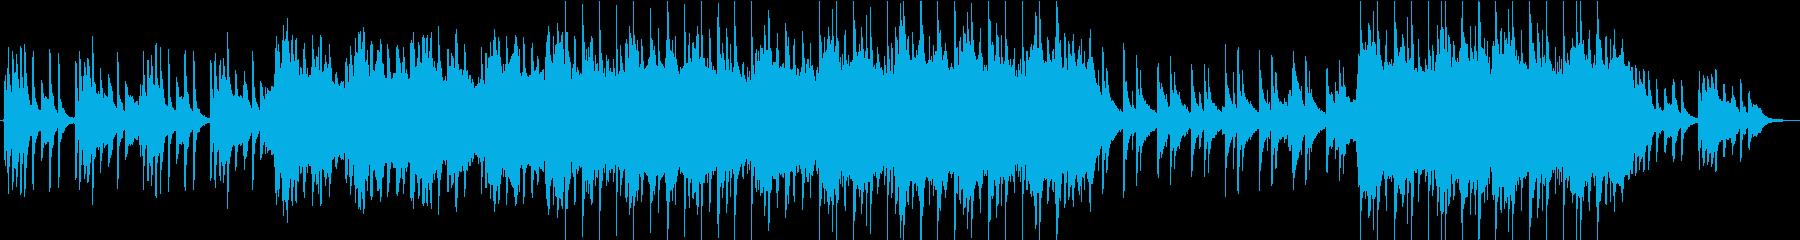 中華 リラックス のんびり 弦楽器...の再生済みの波形